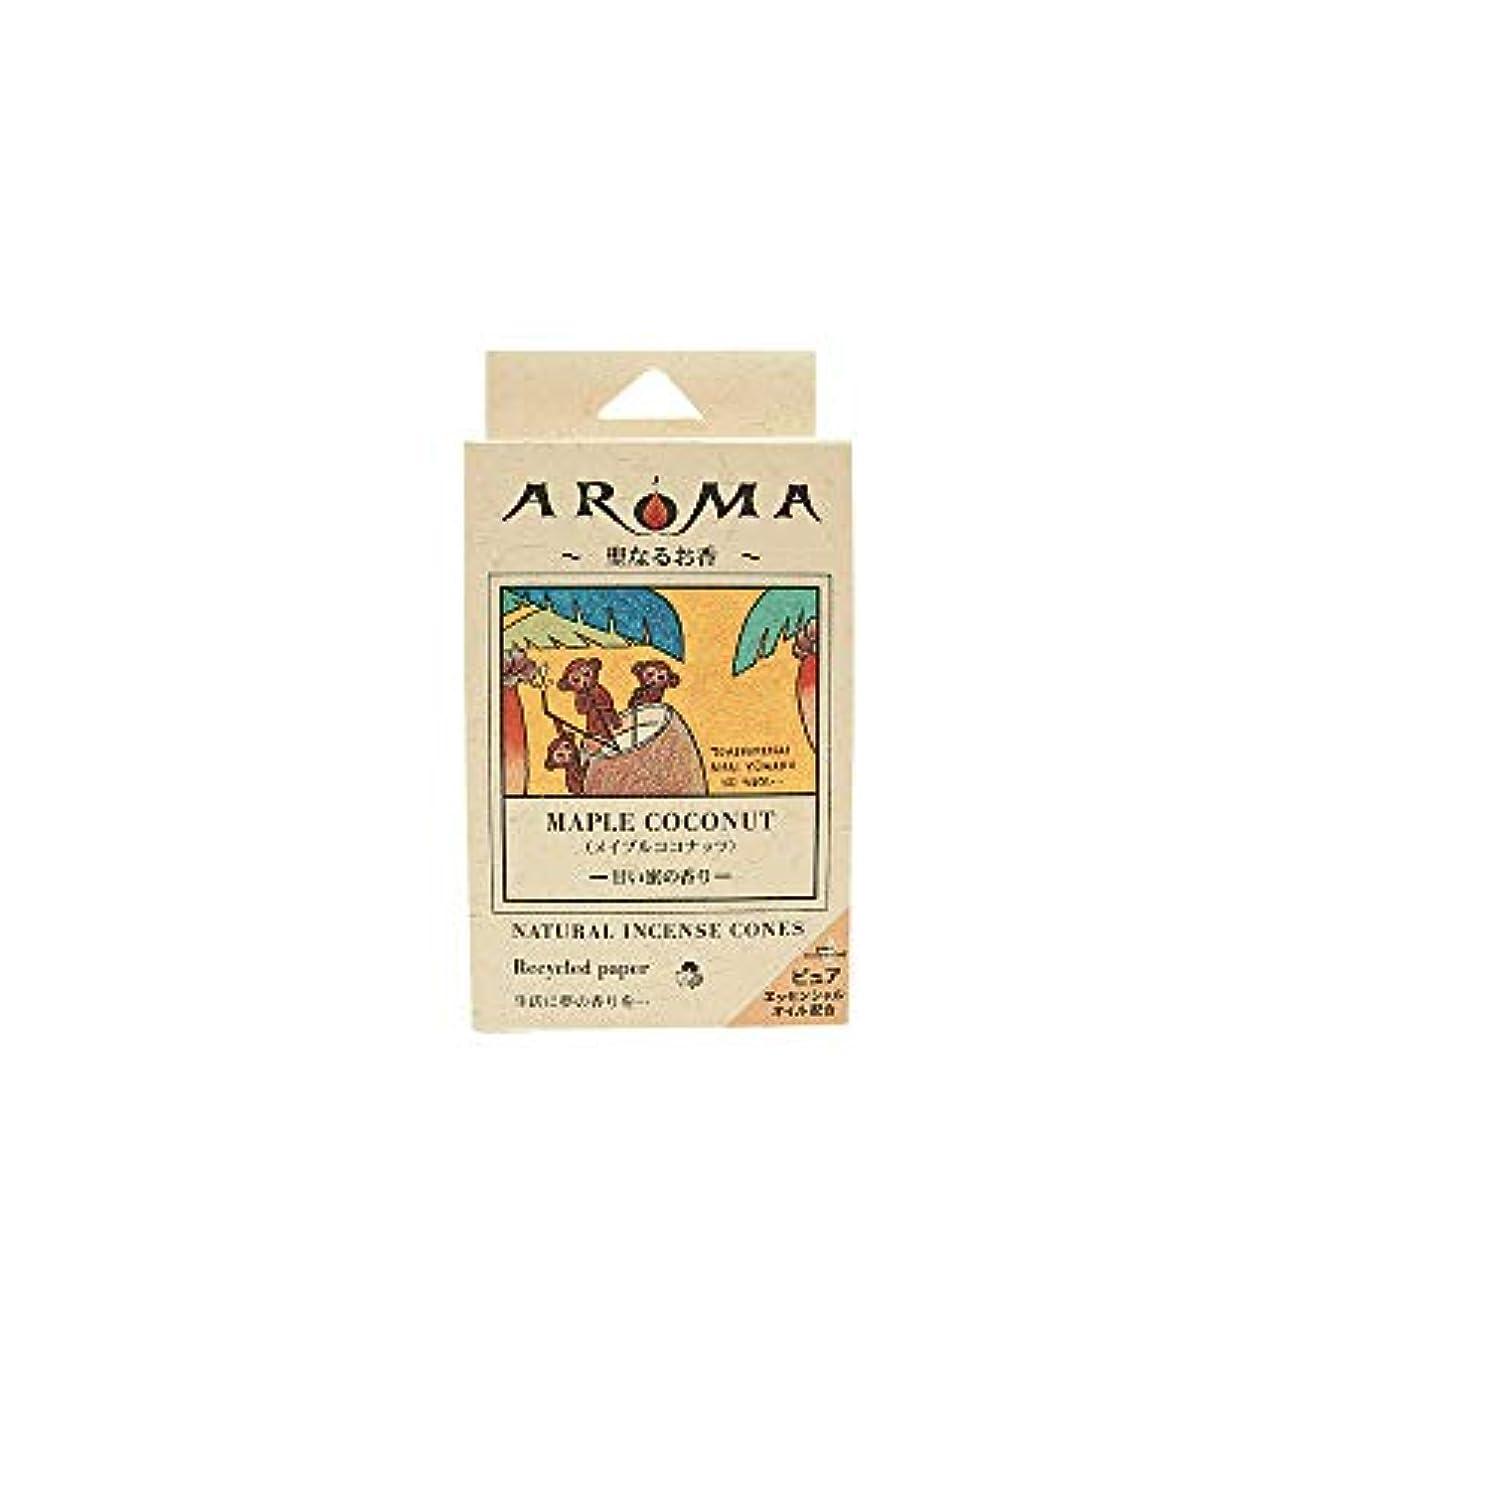 円形雄弁家困難アロマ香 ココナッツ 16粒(コーンタイプインセンス 1粒の燃焼時間約20分 甘い蜜の香り)